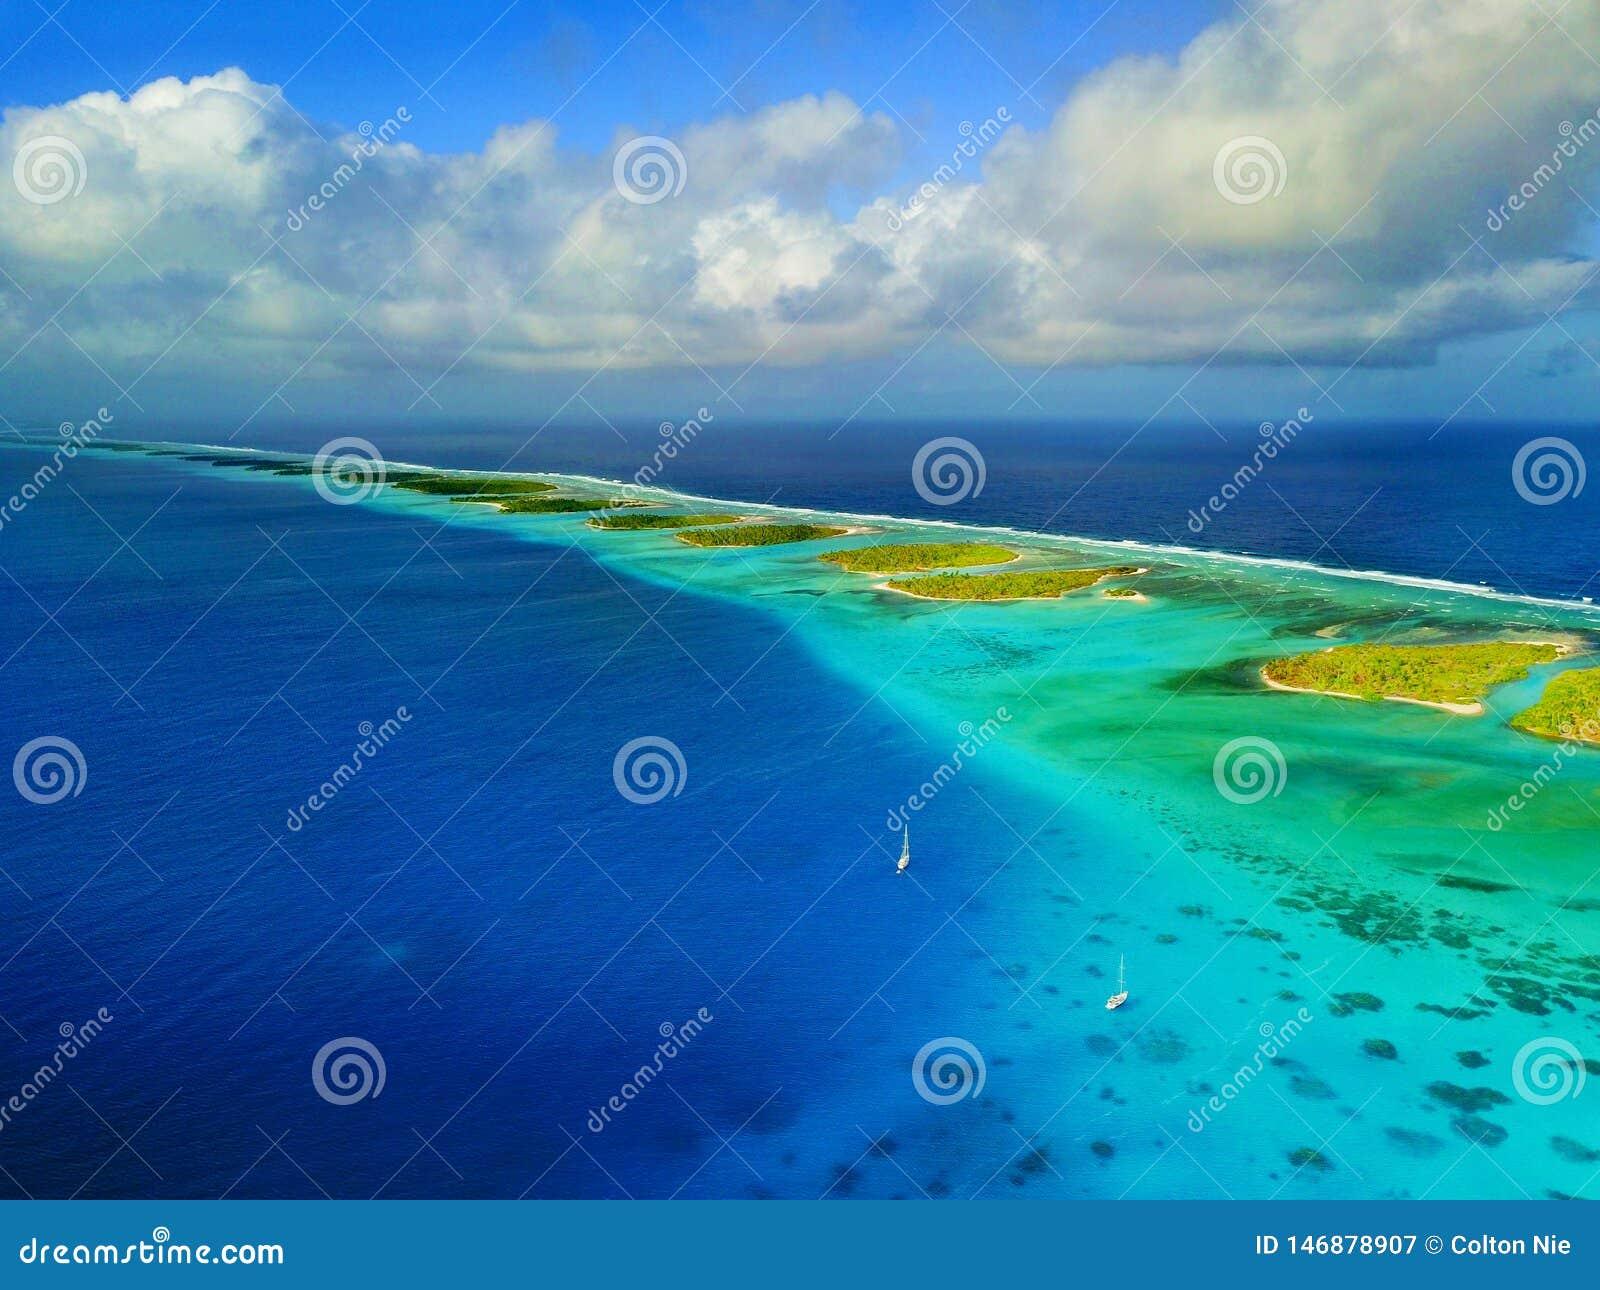 Атолл Ари - жемчужные россыпи. Мальдивы | 1289x1600